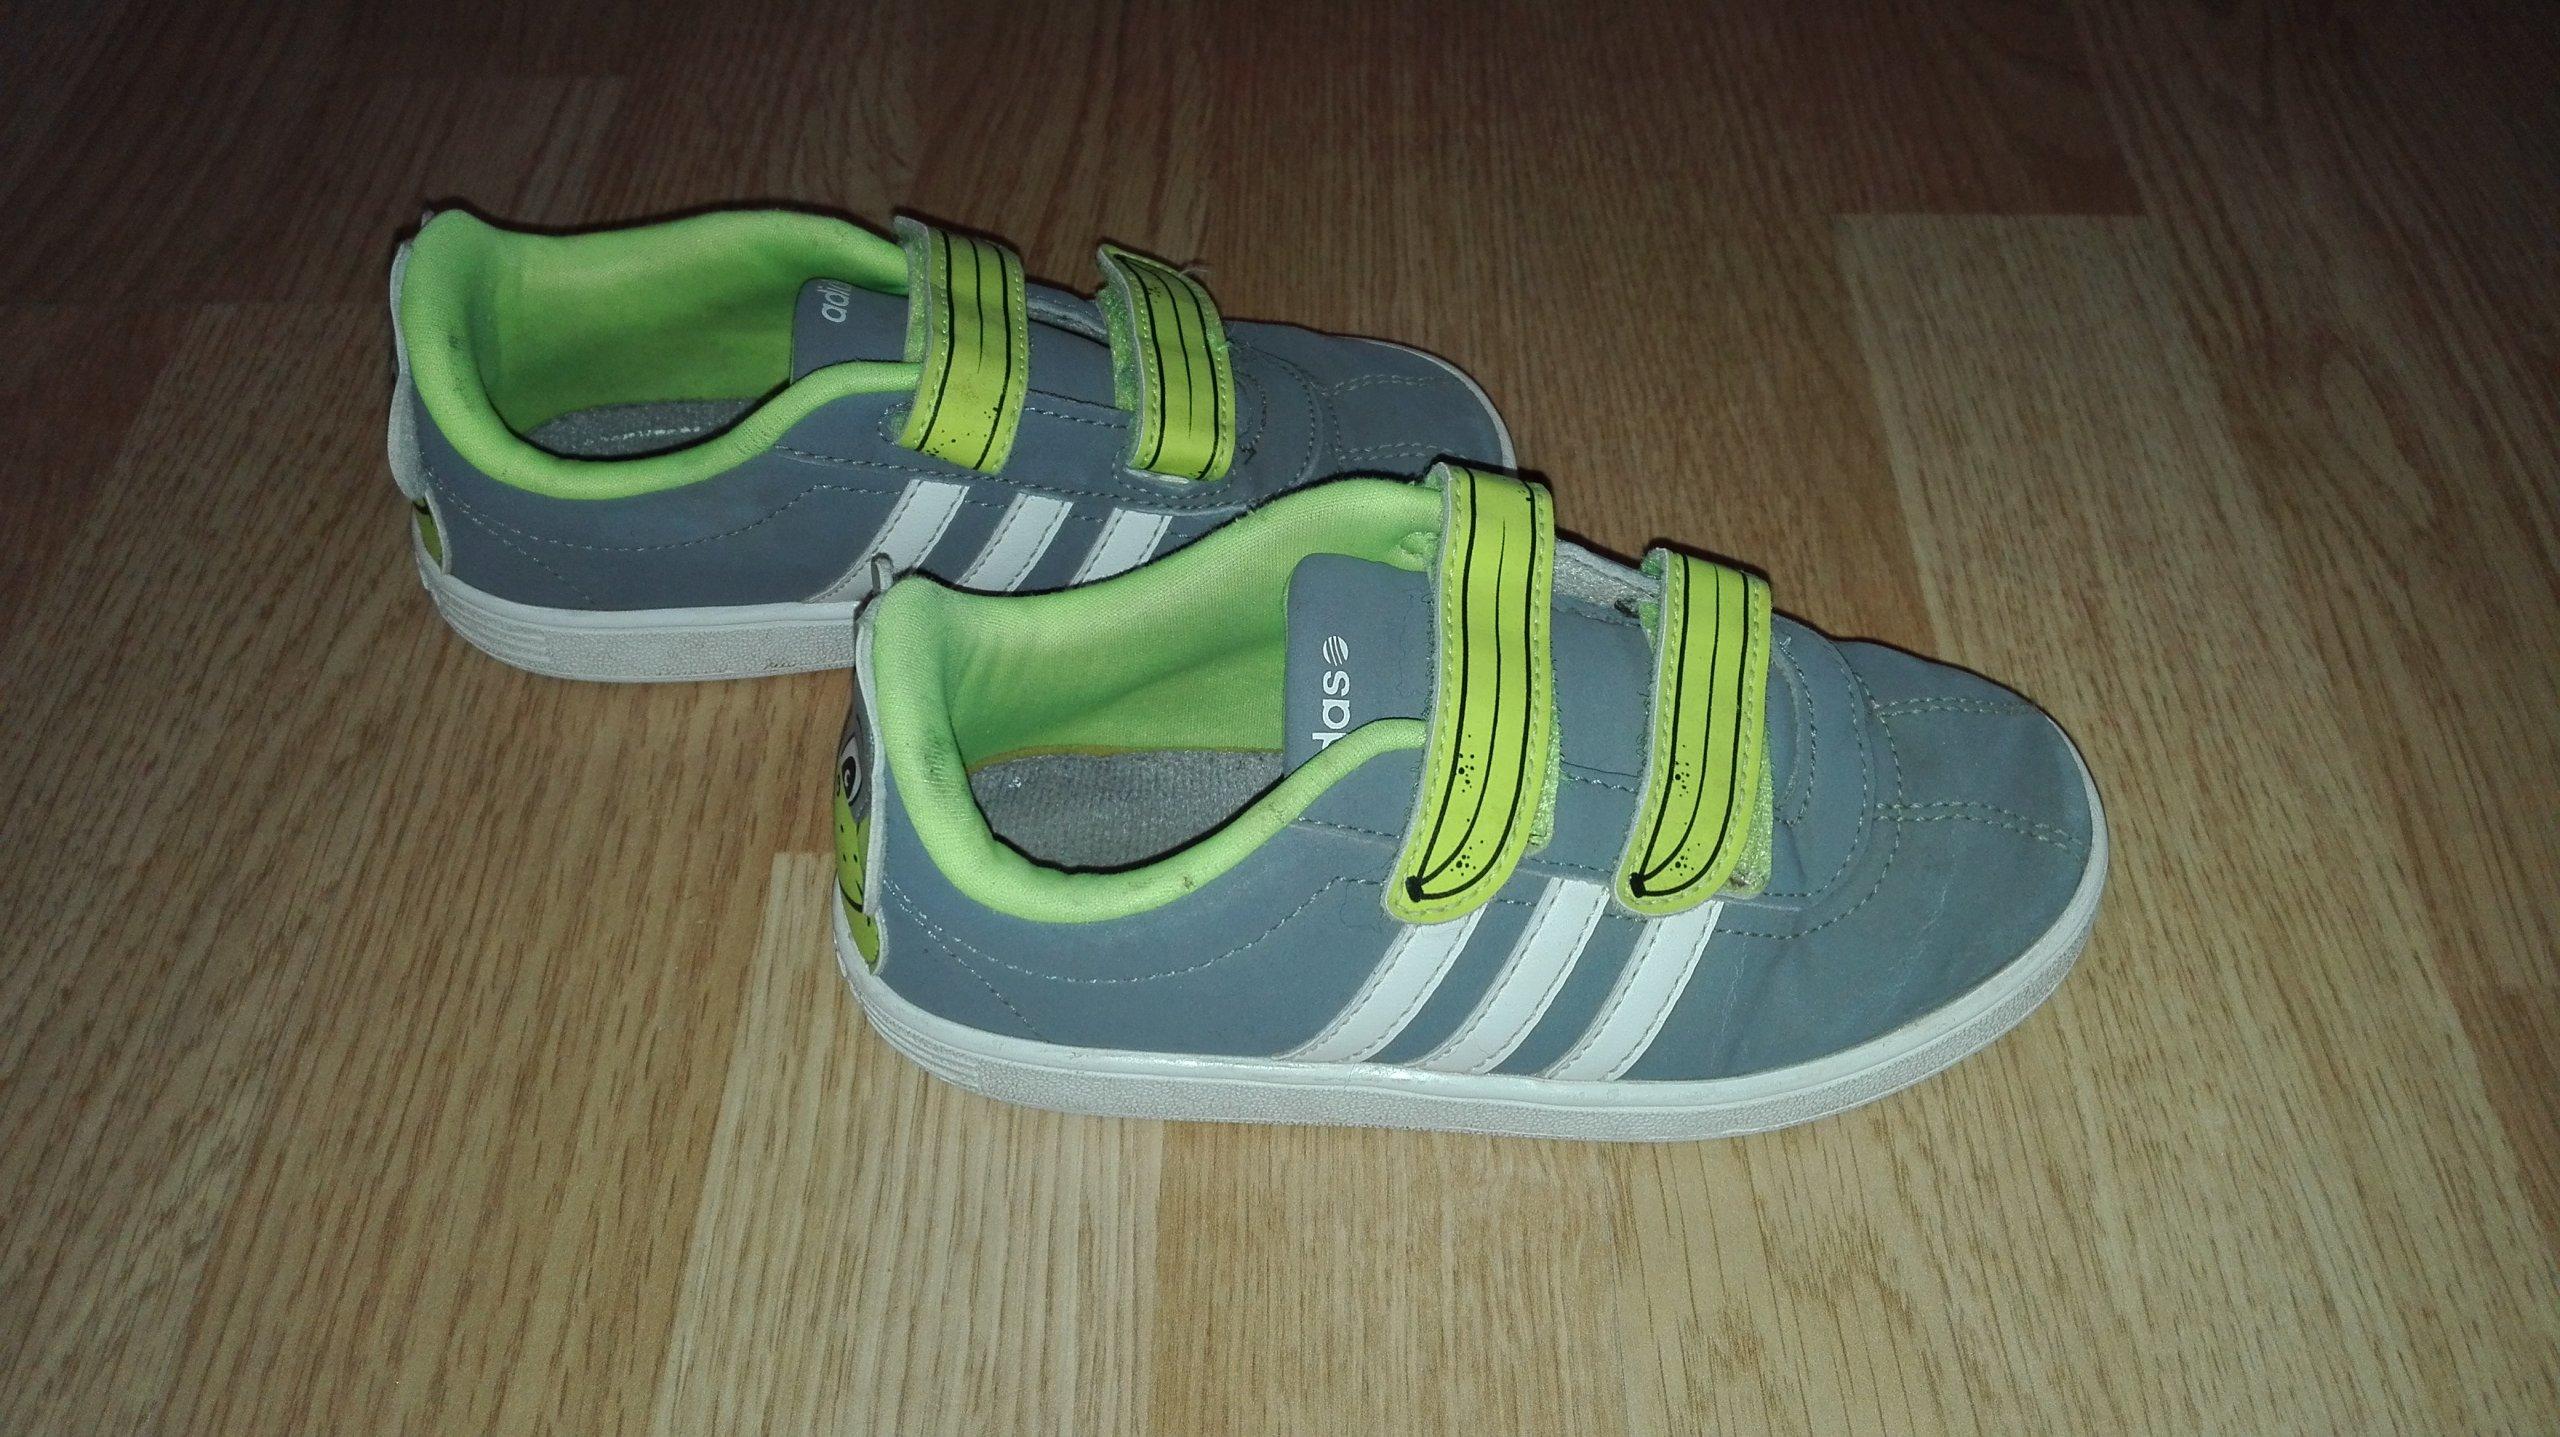 Buty sportowe Adidas Animals 27 7245651598 oficjalne